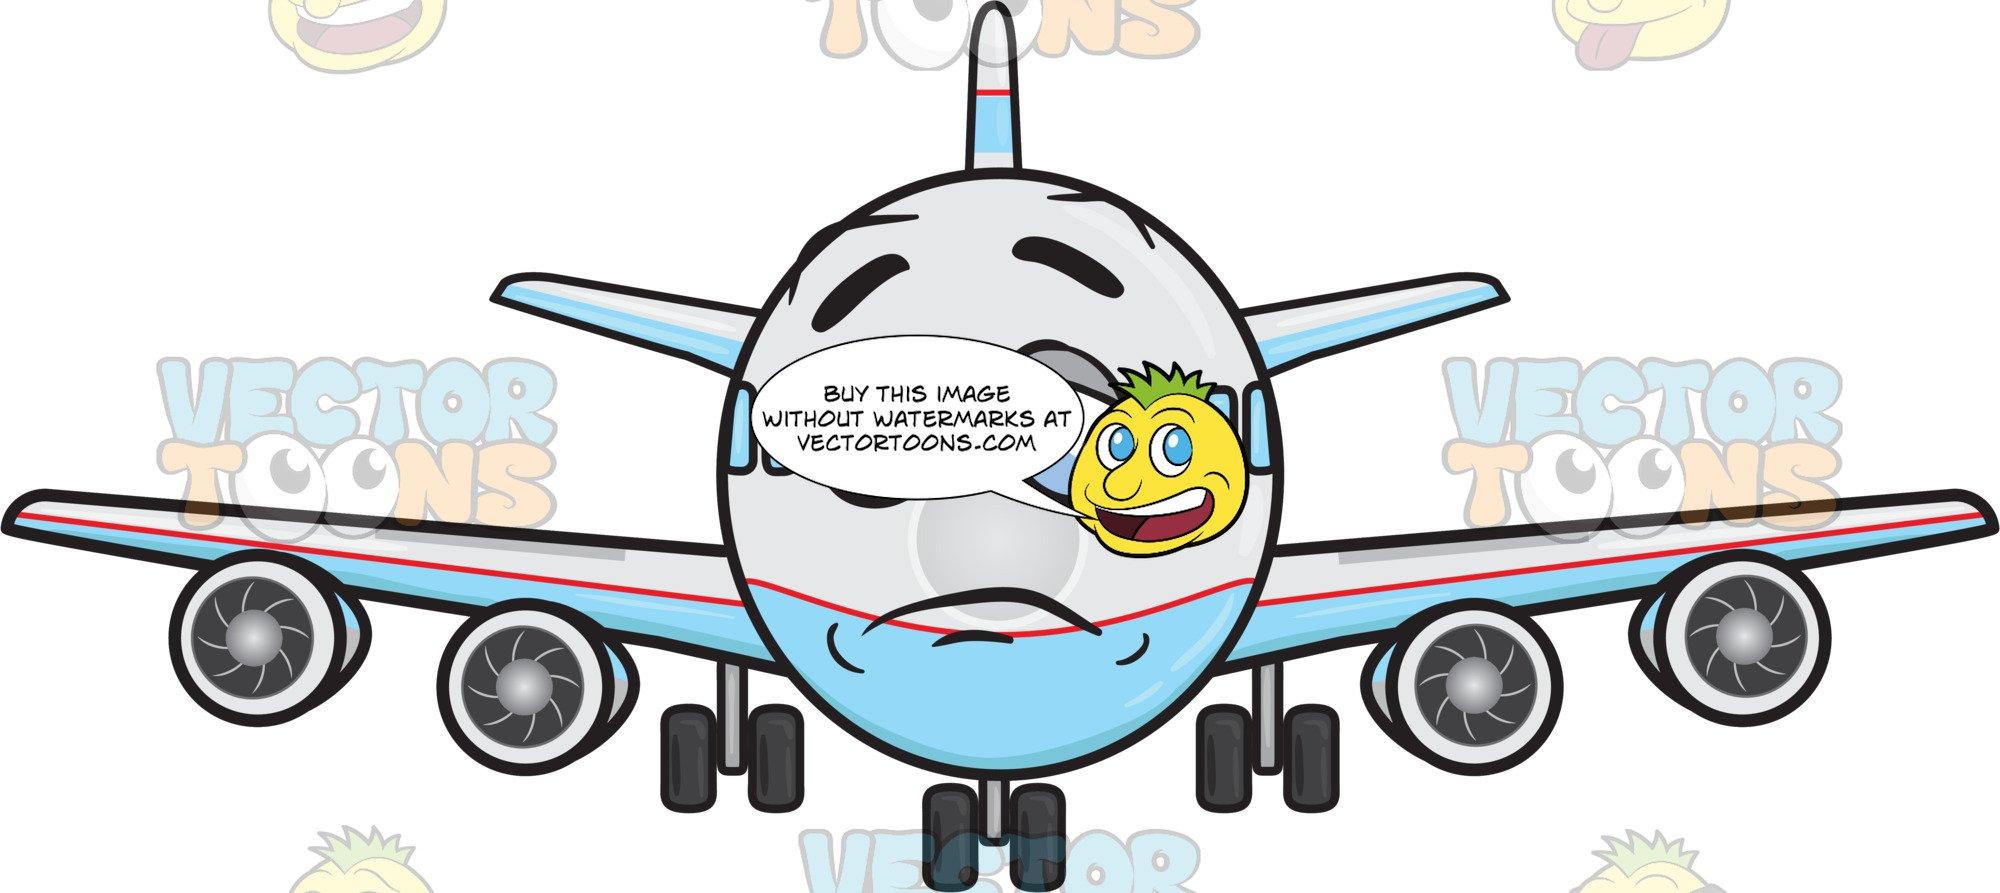 Sad Jumbo Jet Plane About To Cry Emoji.